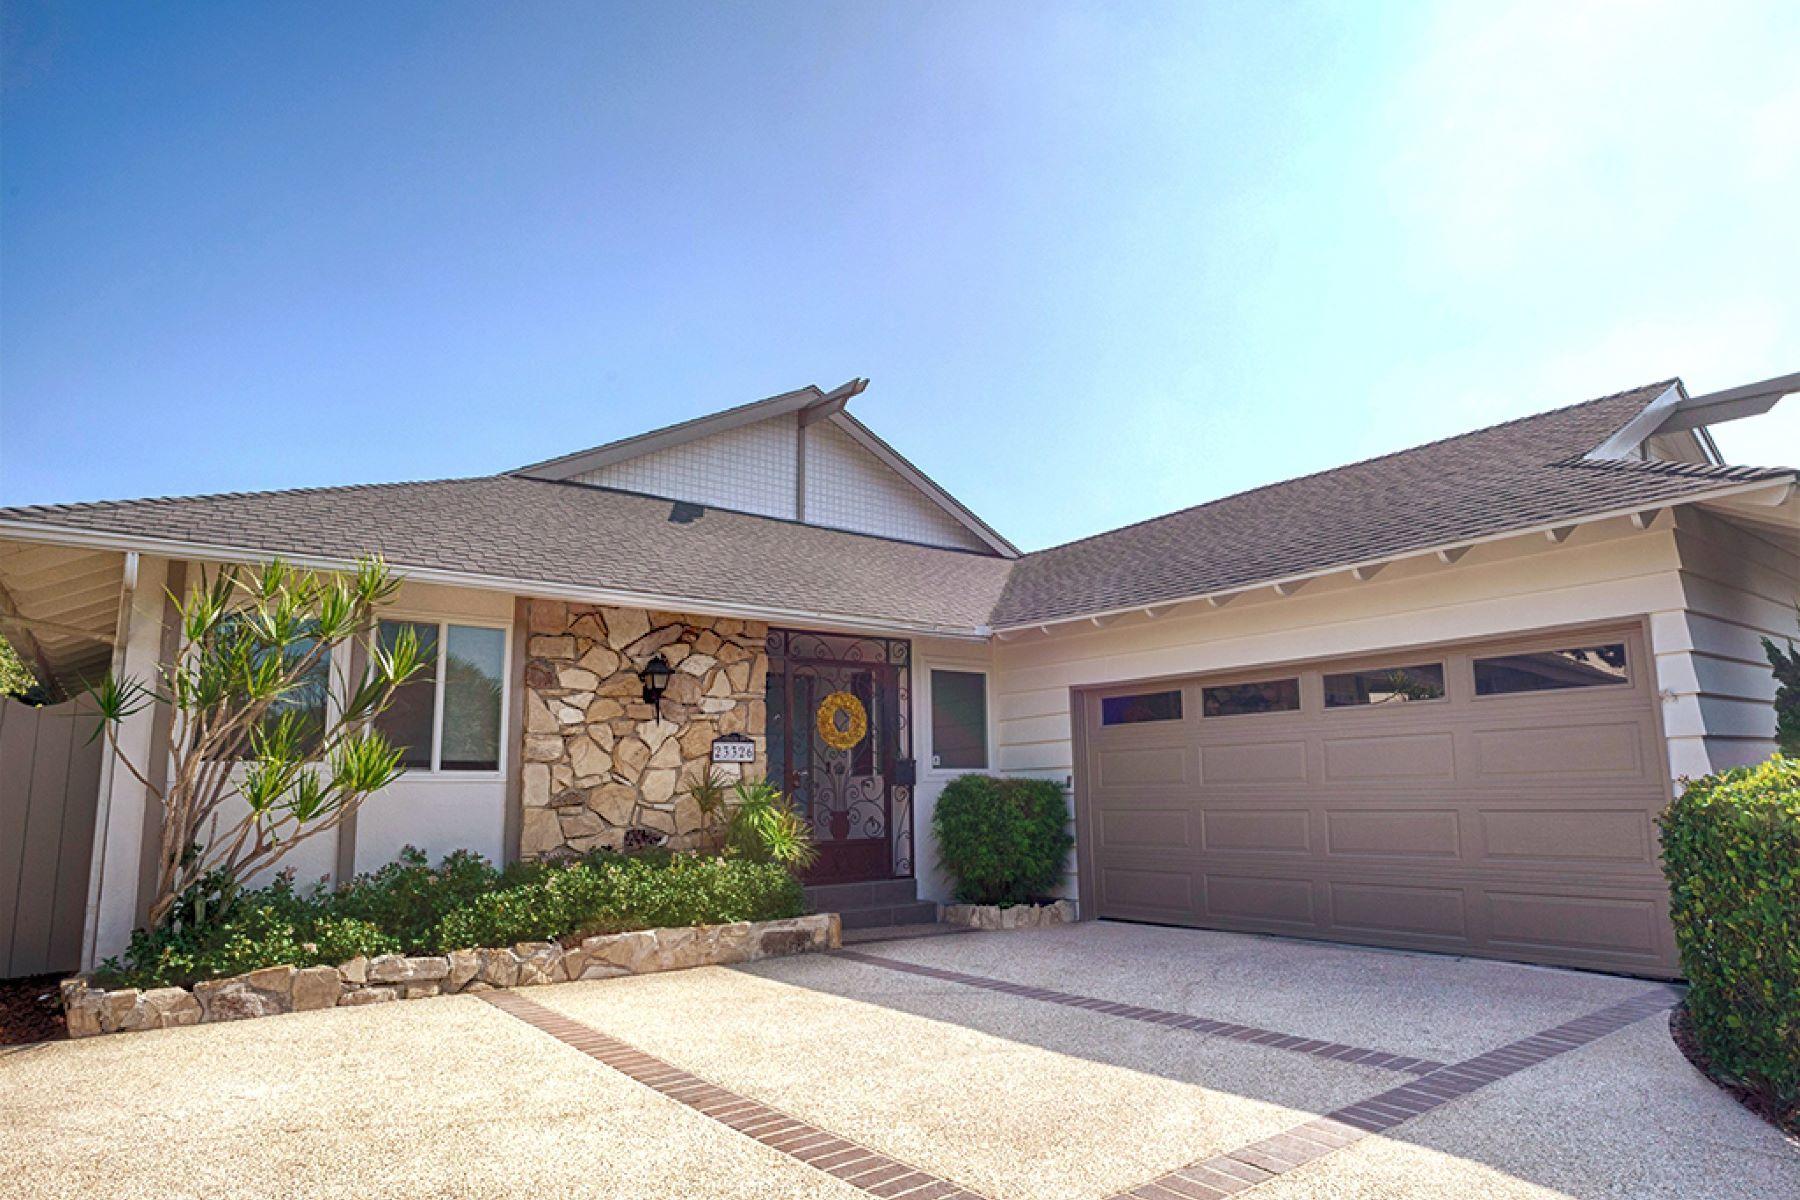 Частный односемейный дом для того Продажа на 23326 Ocean Av, Torrance 90505 23326 Ocean Ave Torrance, Калифорния 90505 Соединенные Штаты